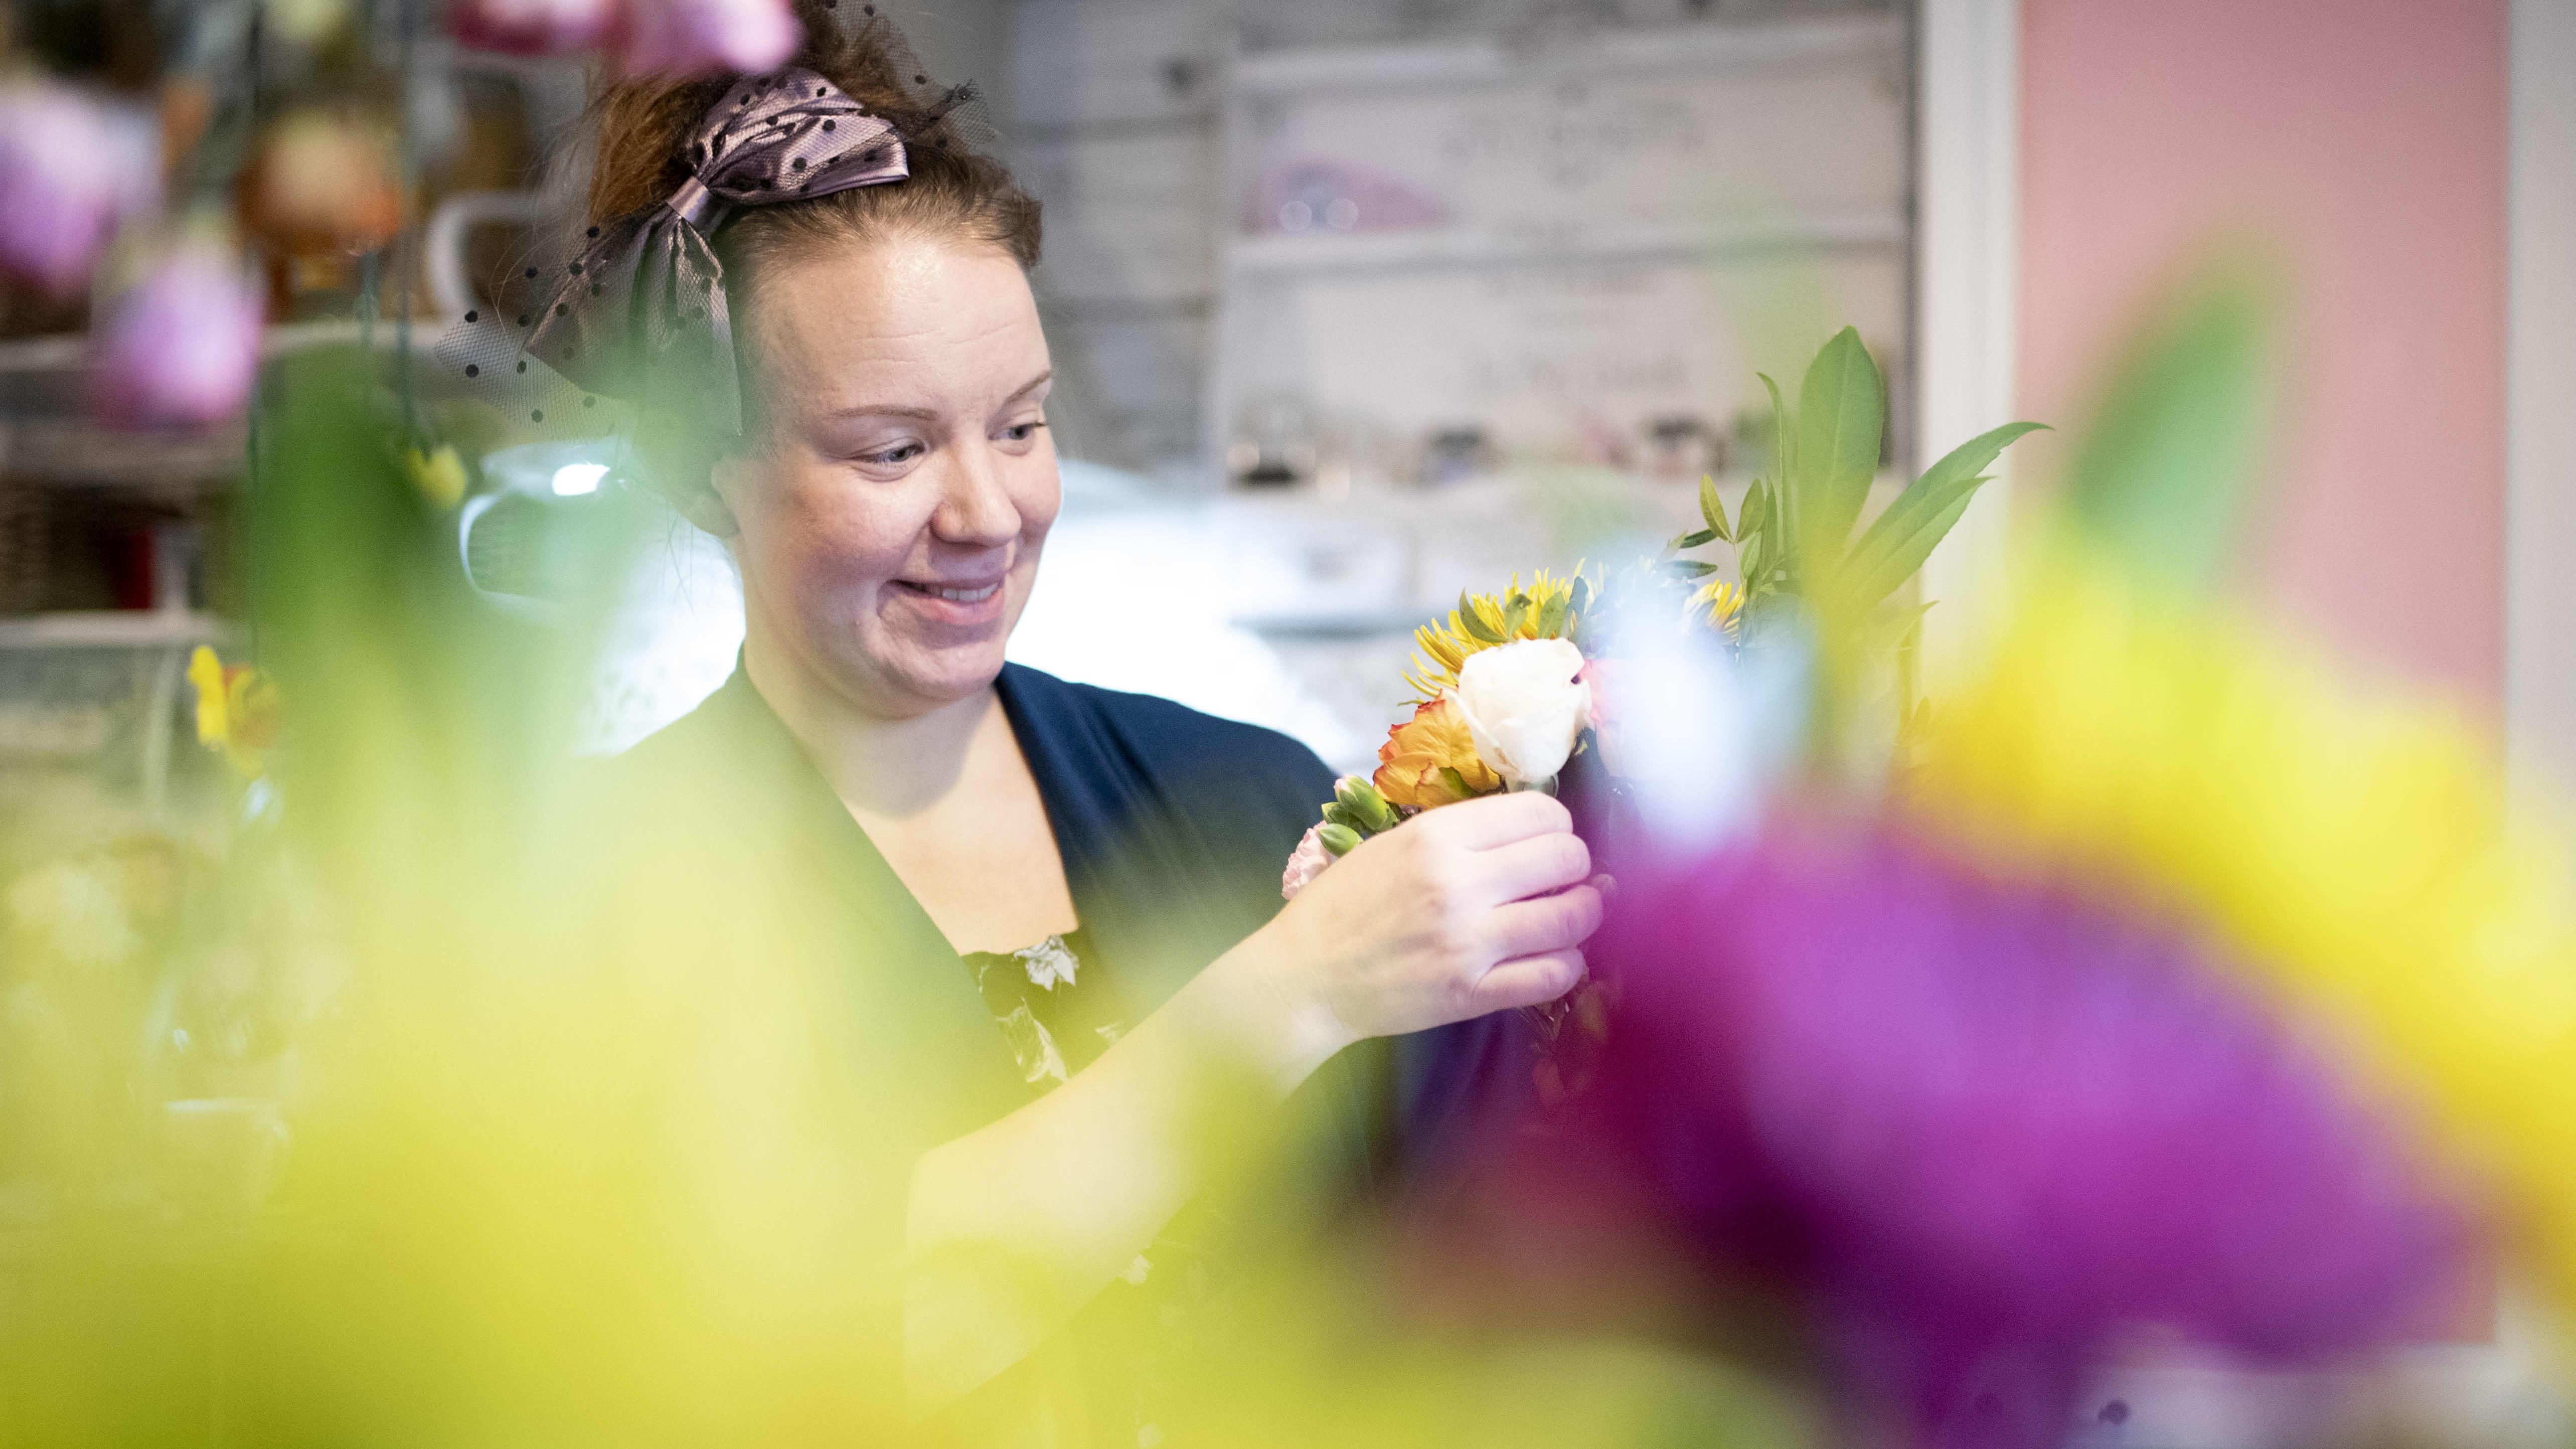 Kukkien välistä kuvattu nainen, joka sitoo kukkakimppua keittiössään.